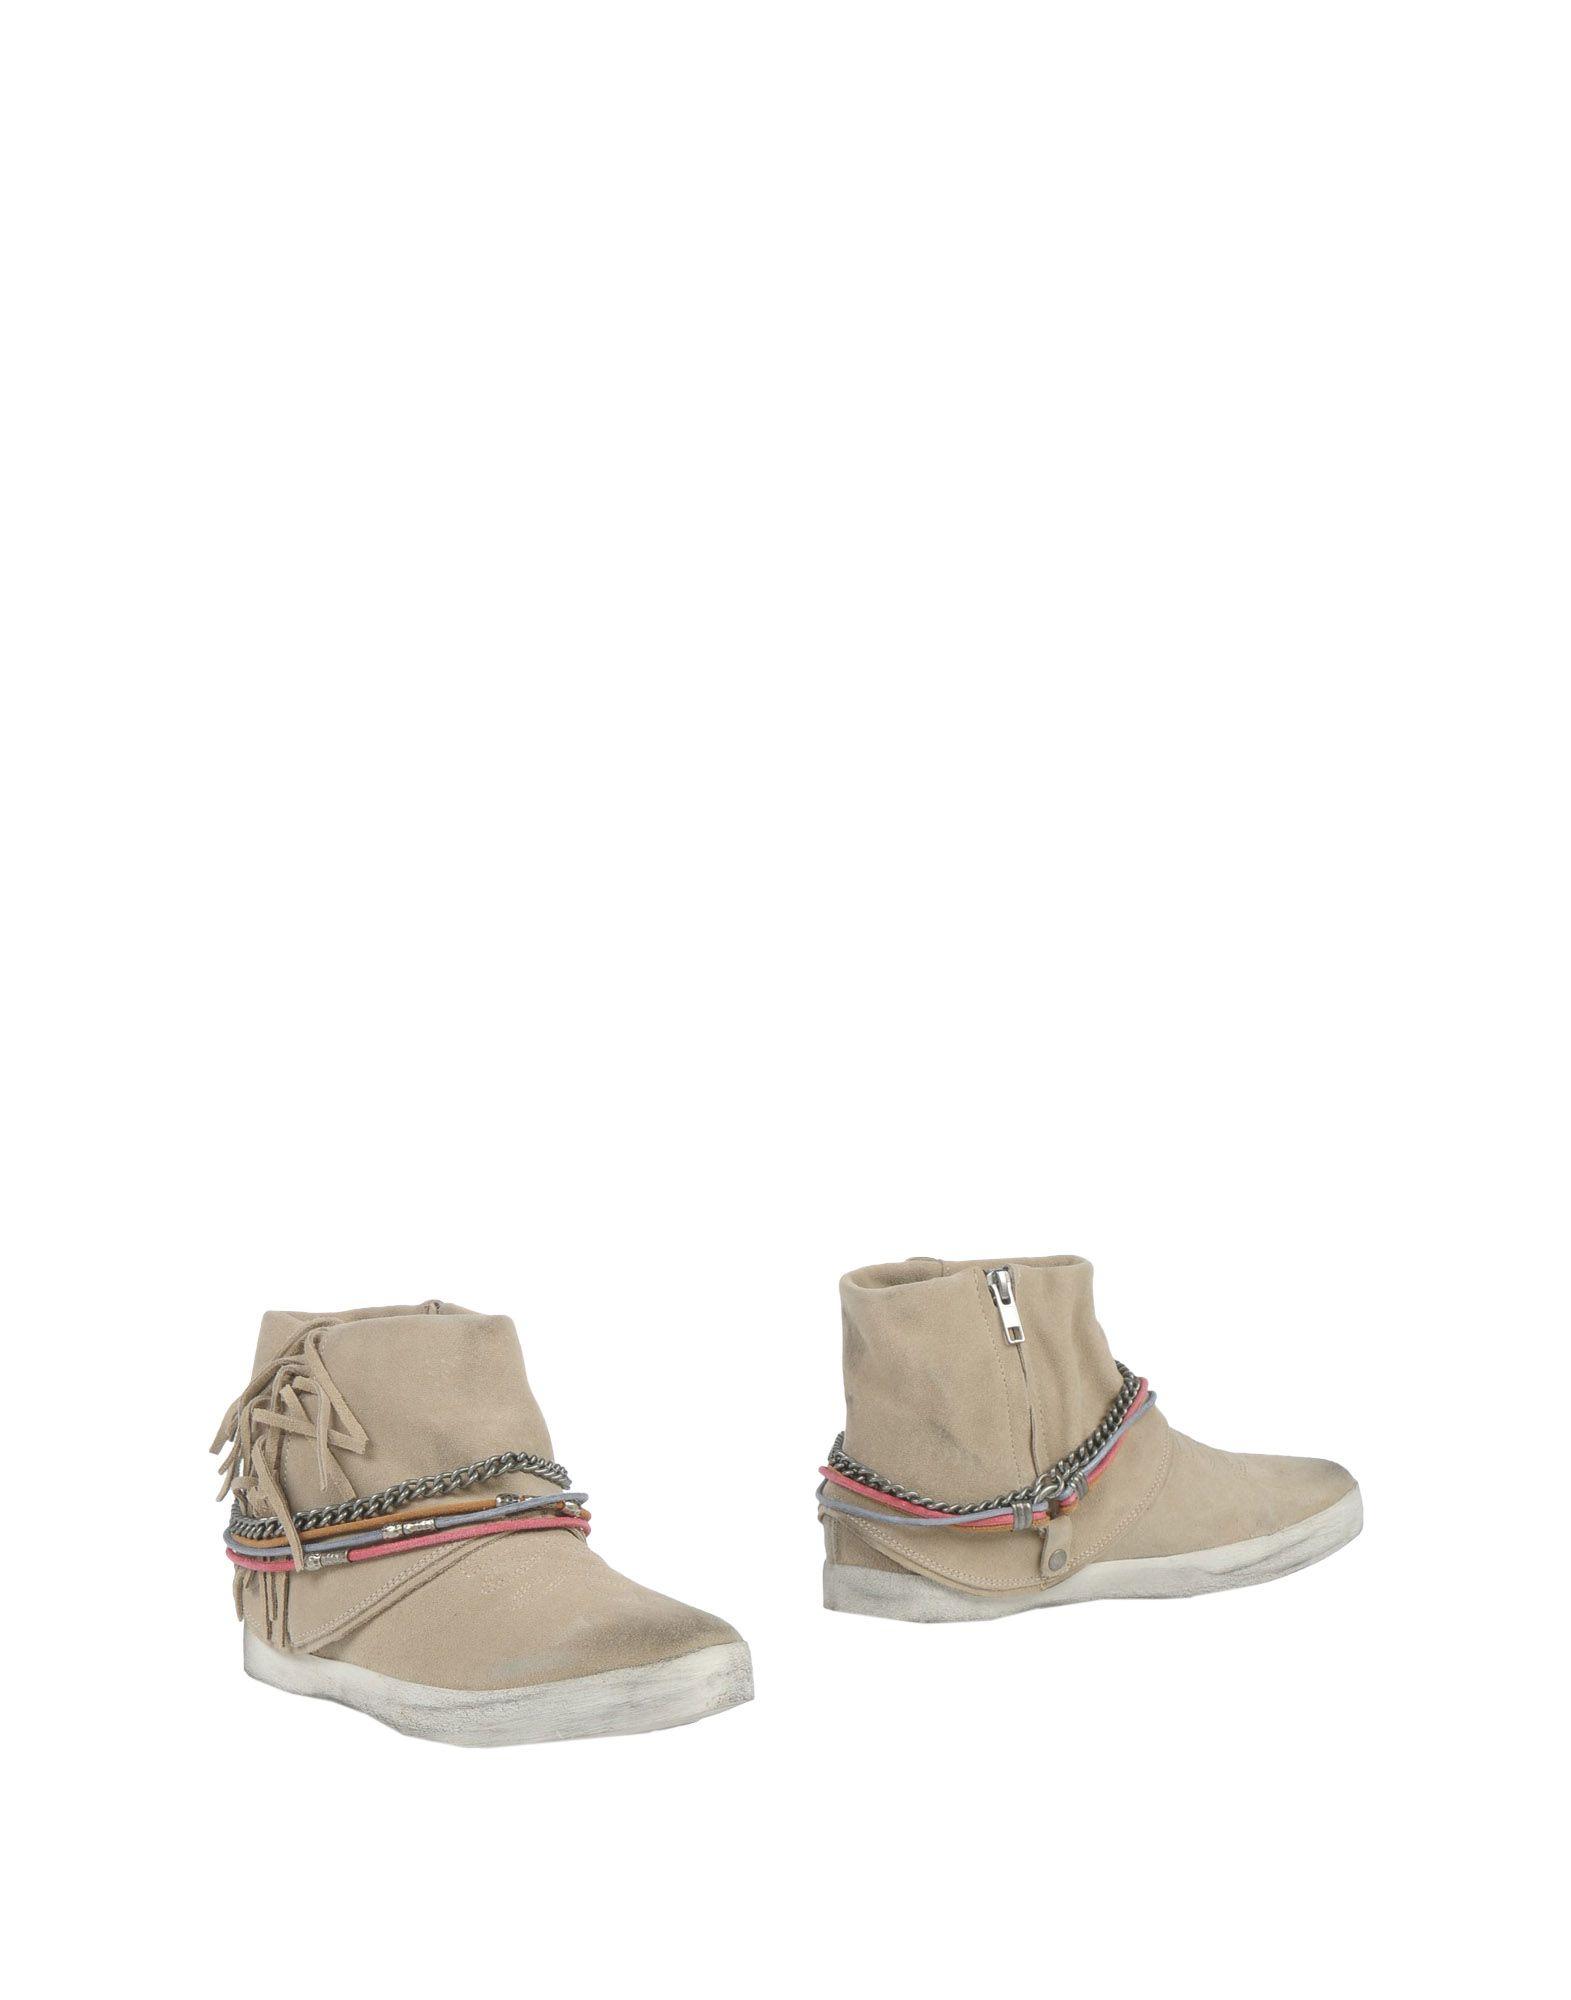 Catarina Martins Stiefelette Damen  11396171WG Gute Qualität beliebte Schuhe